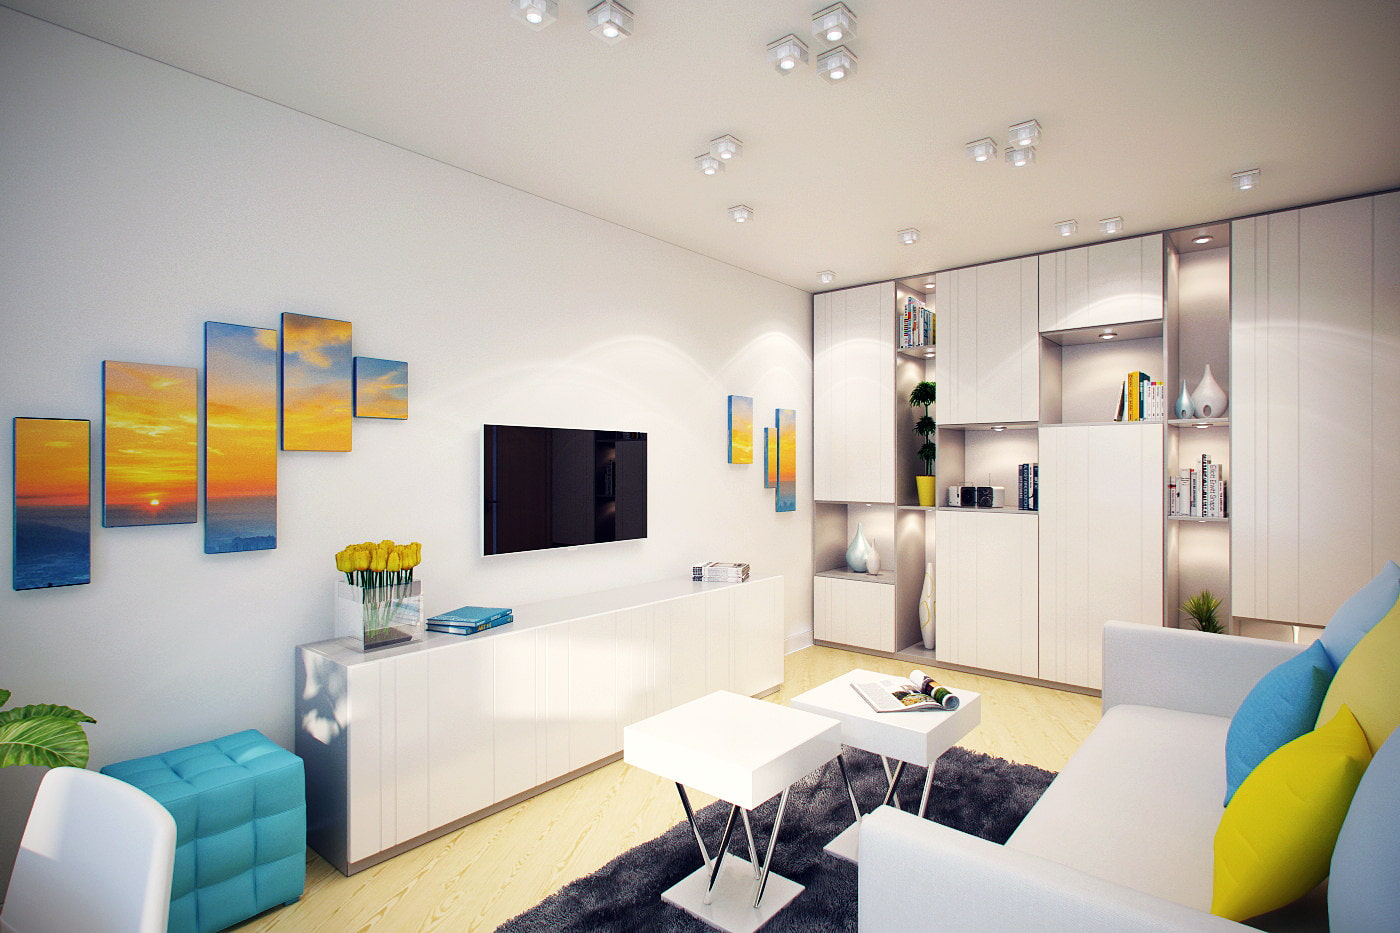 интерьер двухкомнатной квартиры